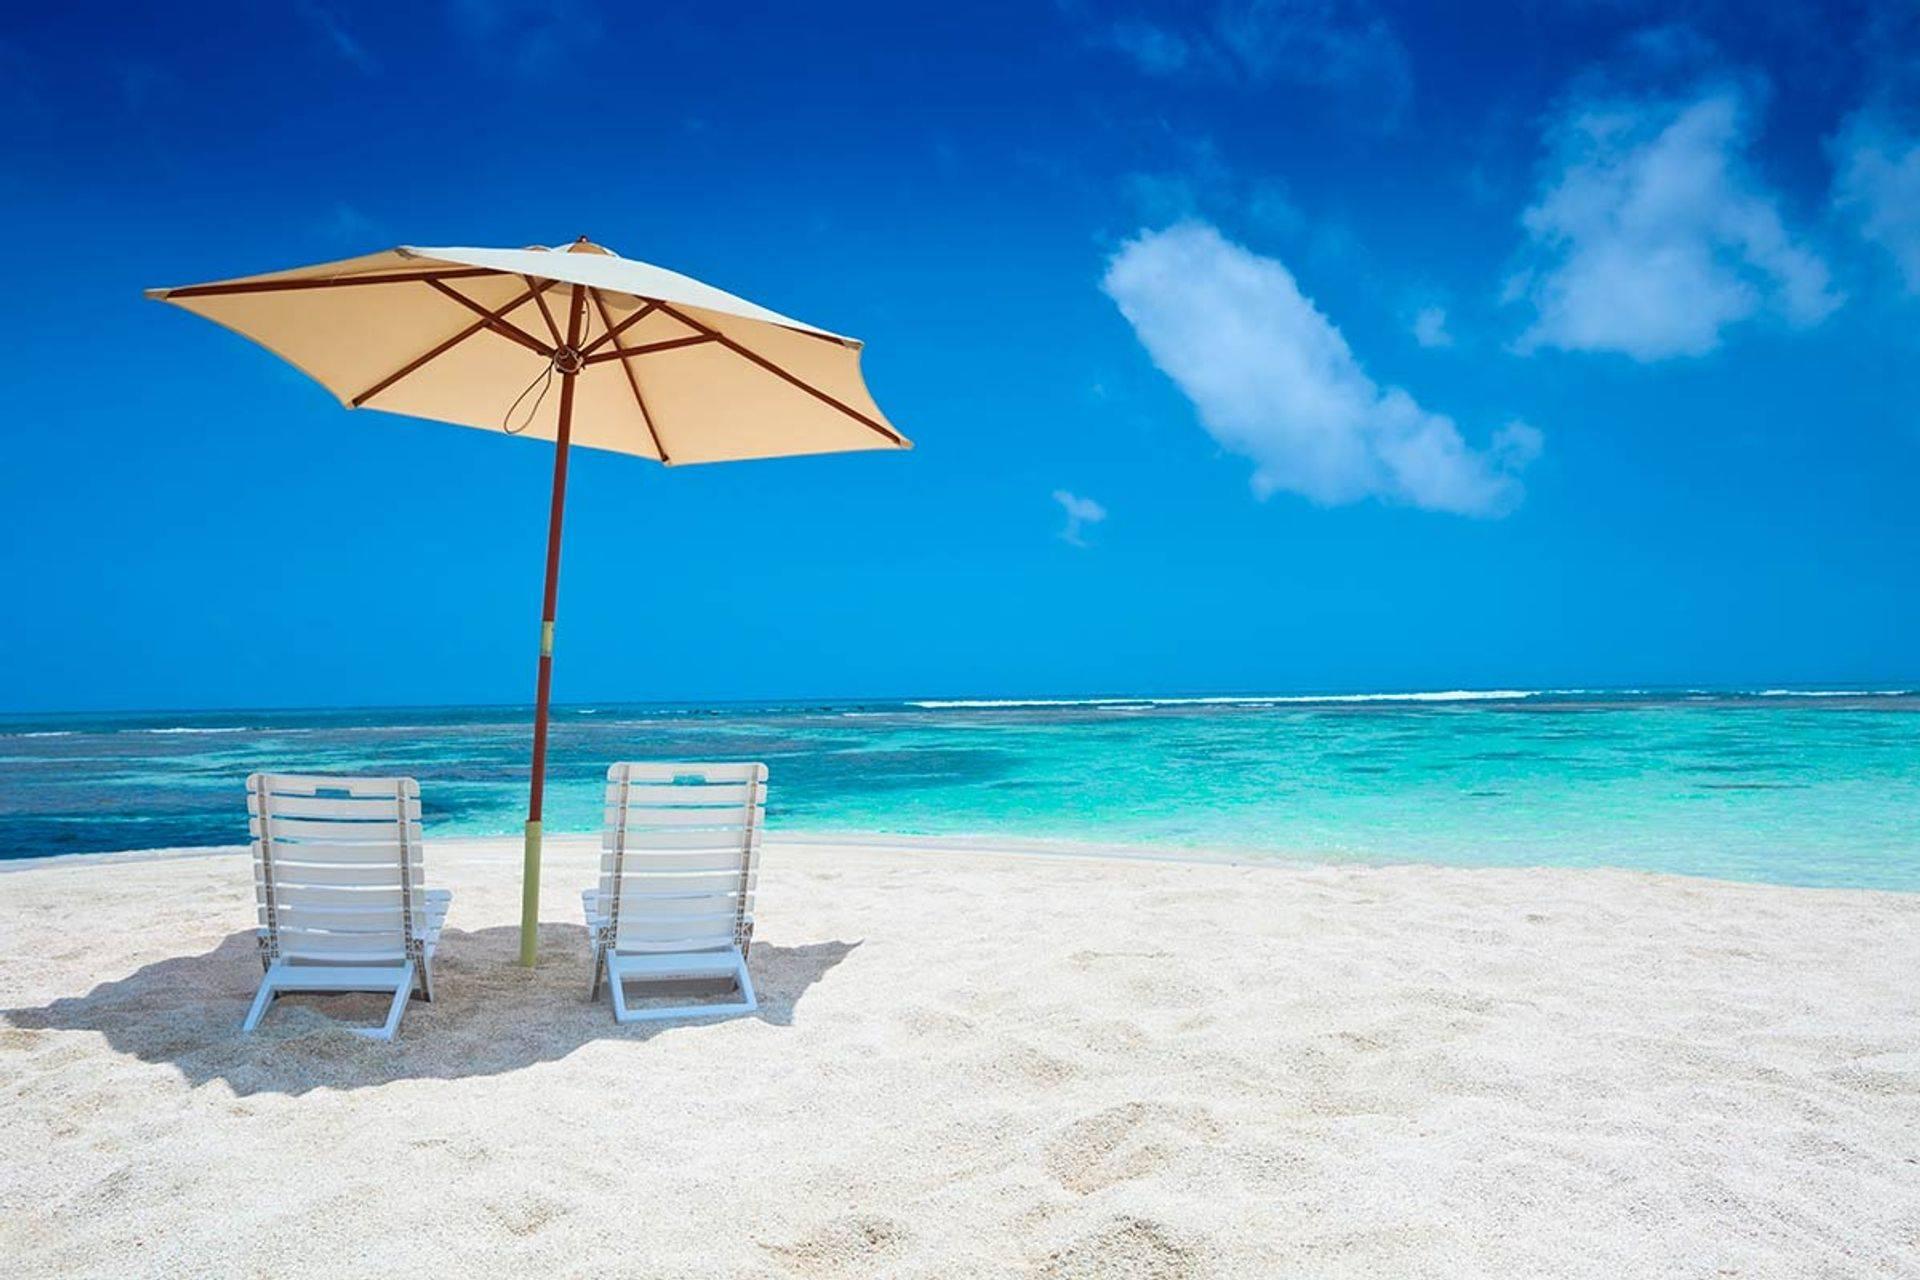 Plages des caraïbes conciergerie karaibe